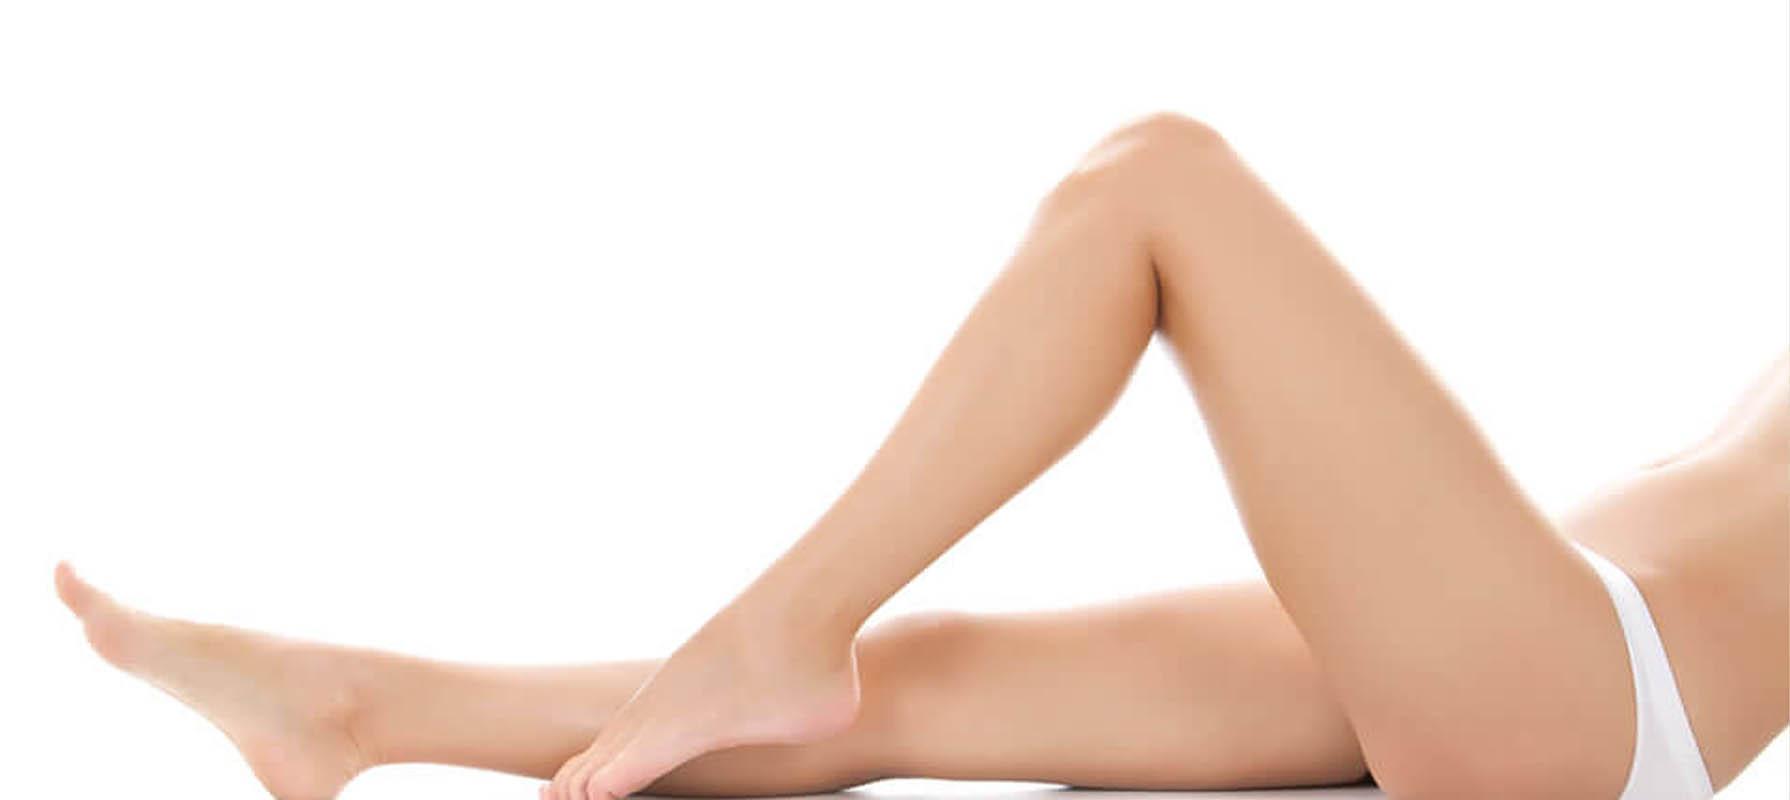 Liposcultura gambe Arconate, il Dottor Raoul Novelli, annoverato tra i migliori chirurghi plastici